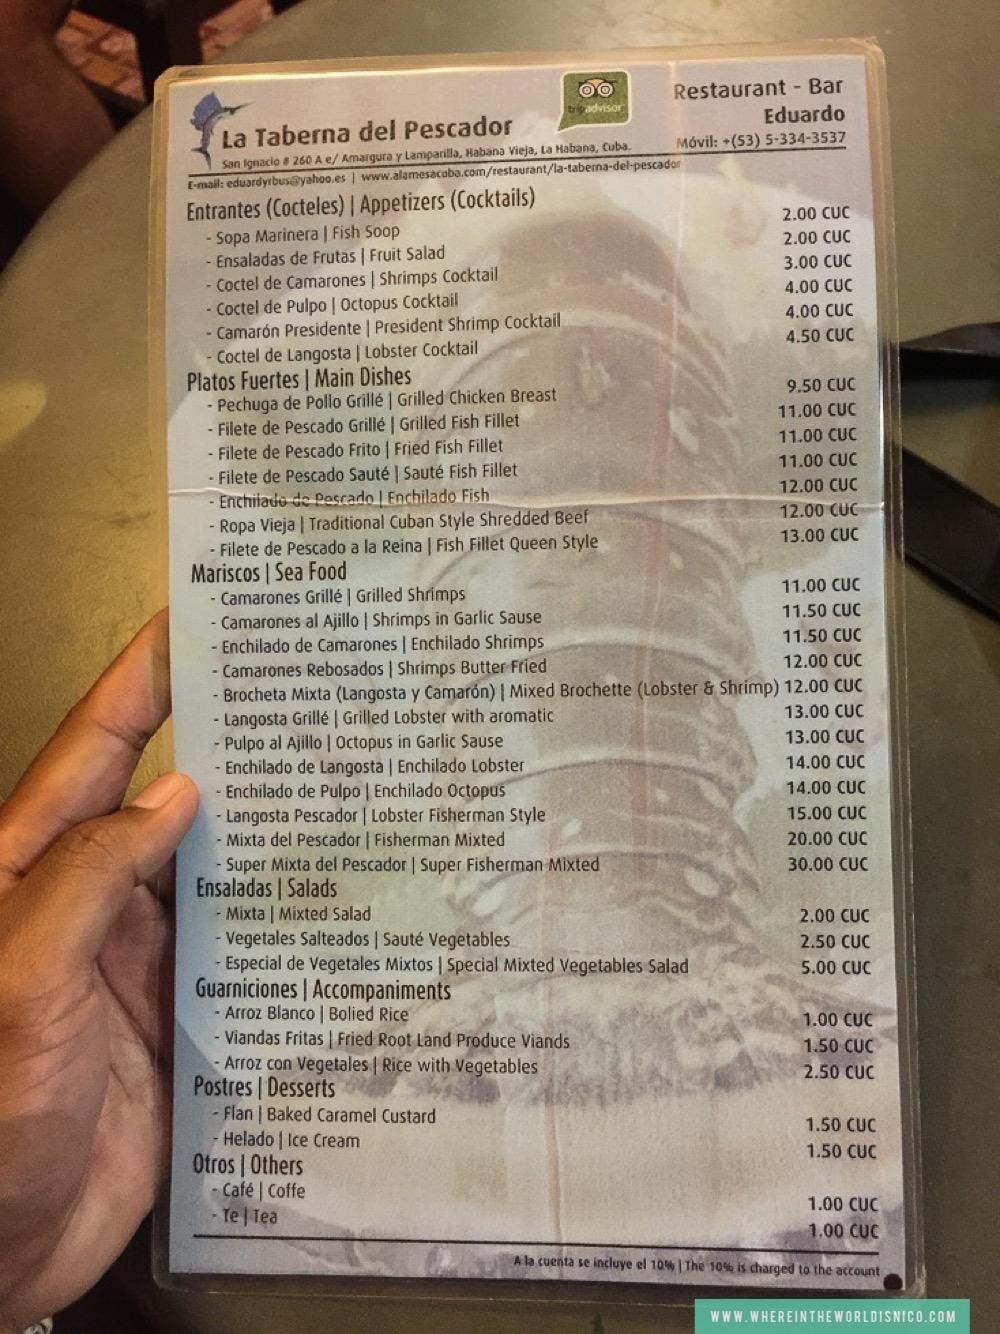 cuba-havana-la-taberna-del-pescador-menu.jpg